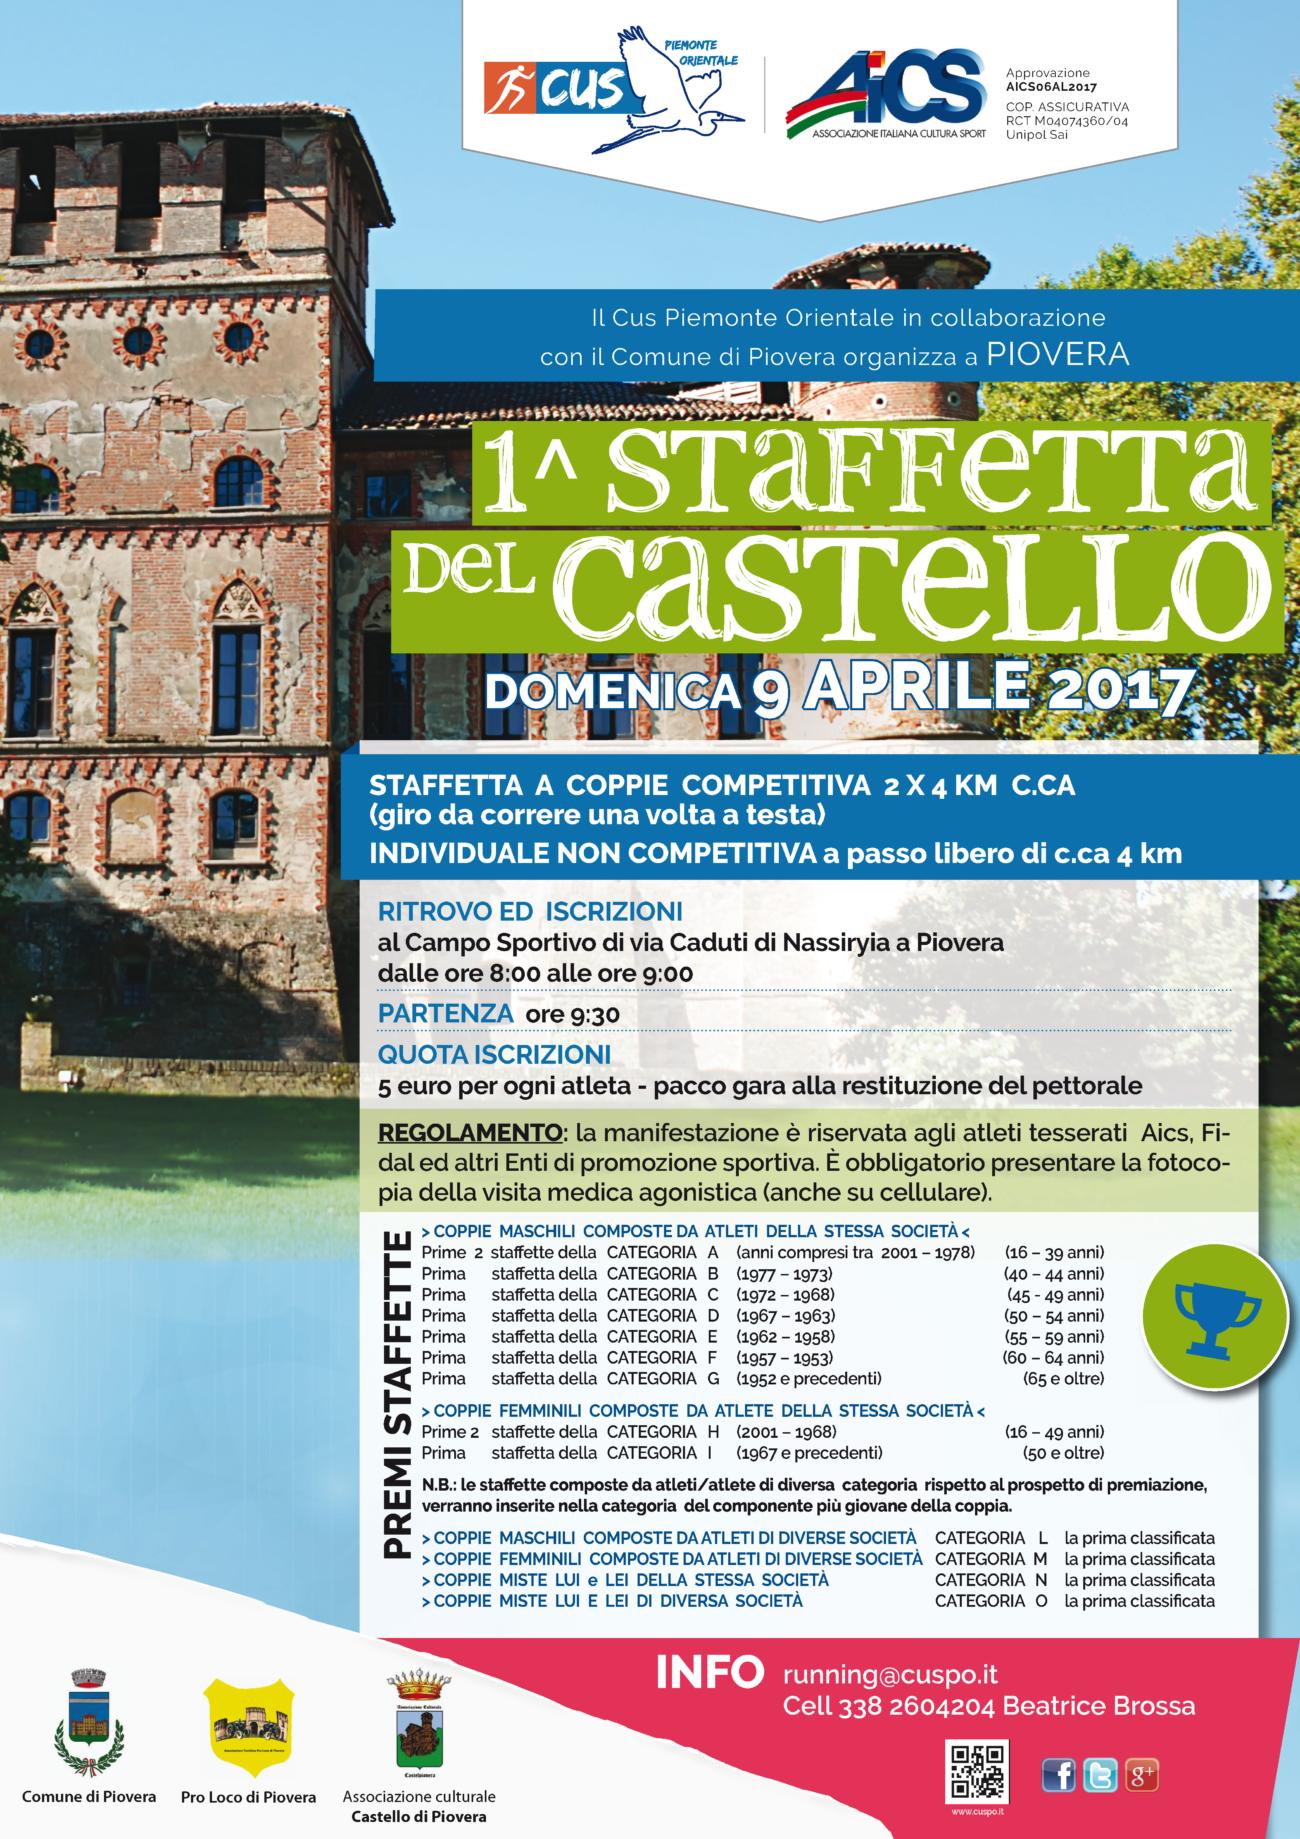 Staffetta del Castello